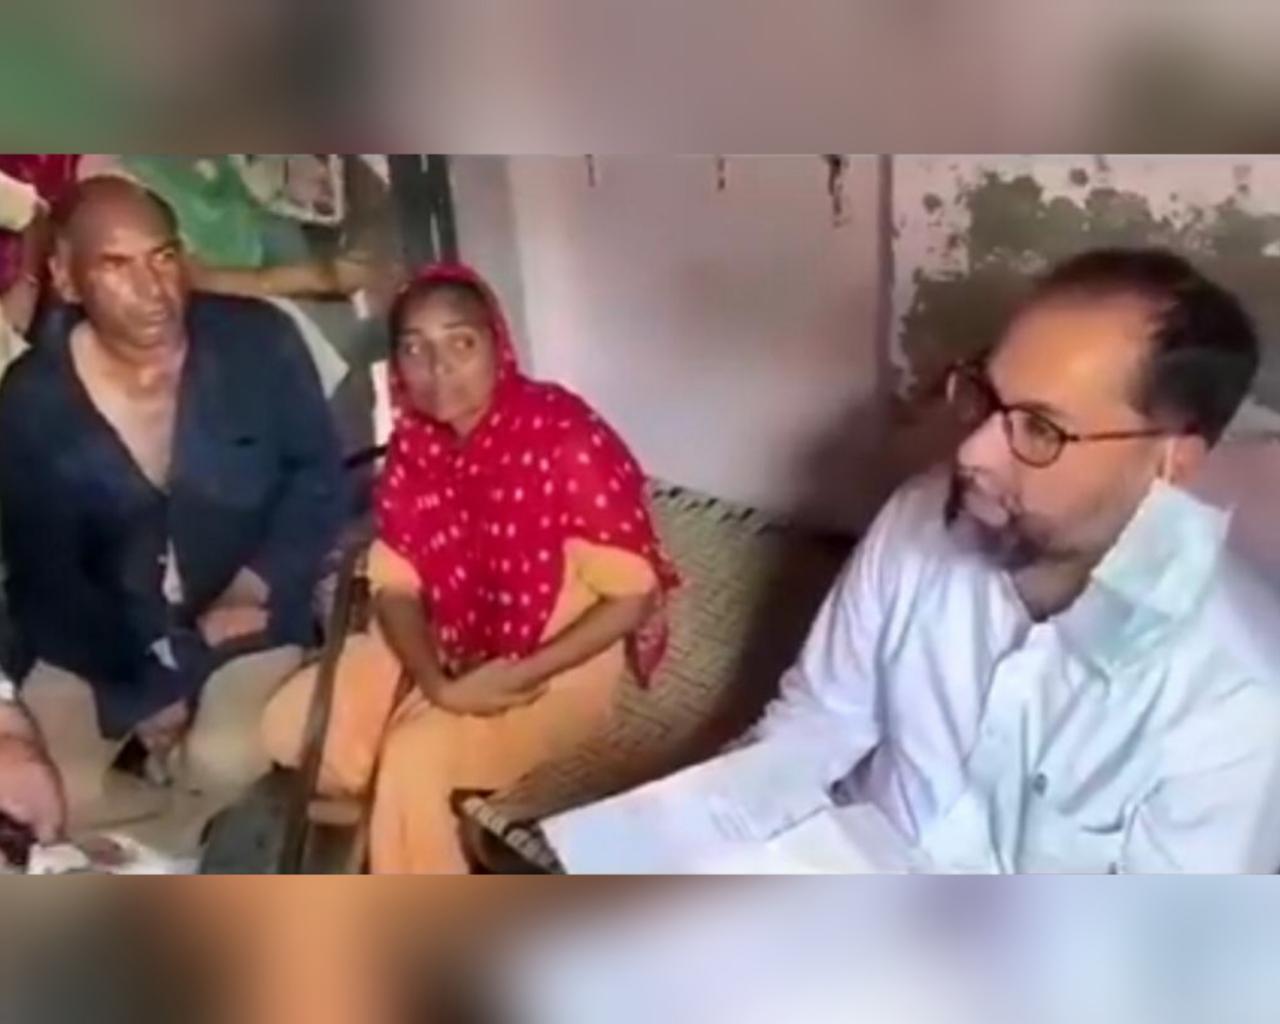 दिव्यांग दंपती के घर पहुंचे अकाली विधायक पवन टीनू। - Dainik Bhaskar